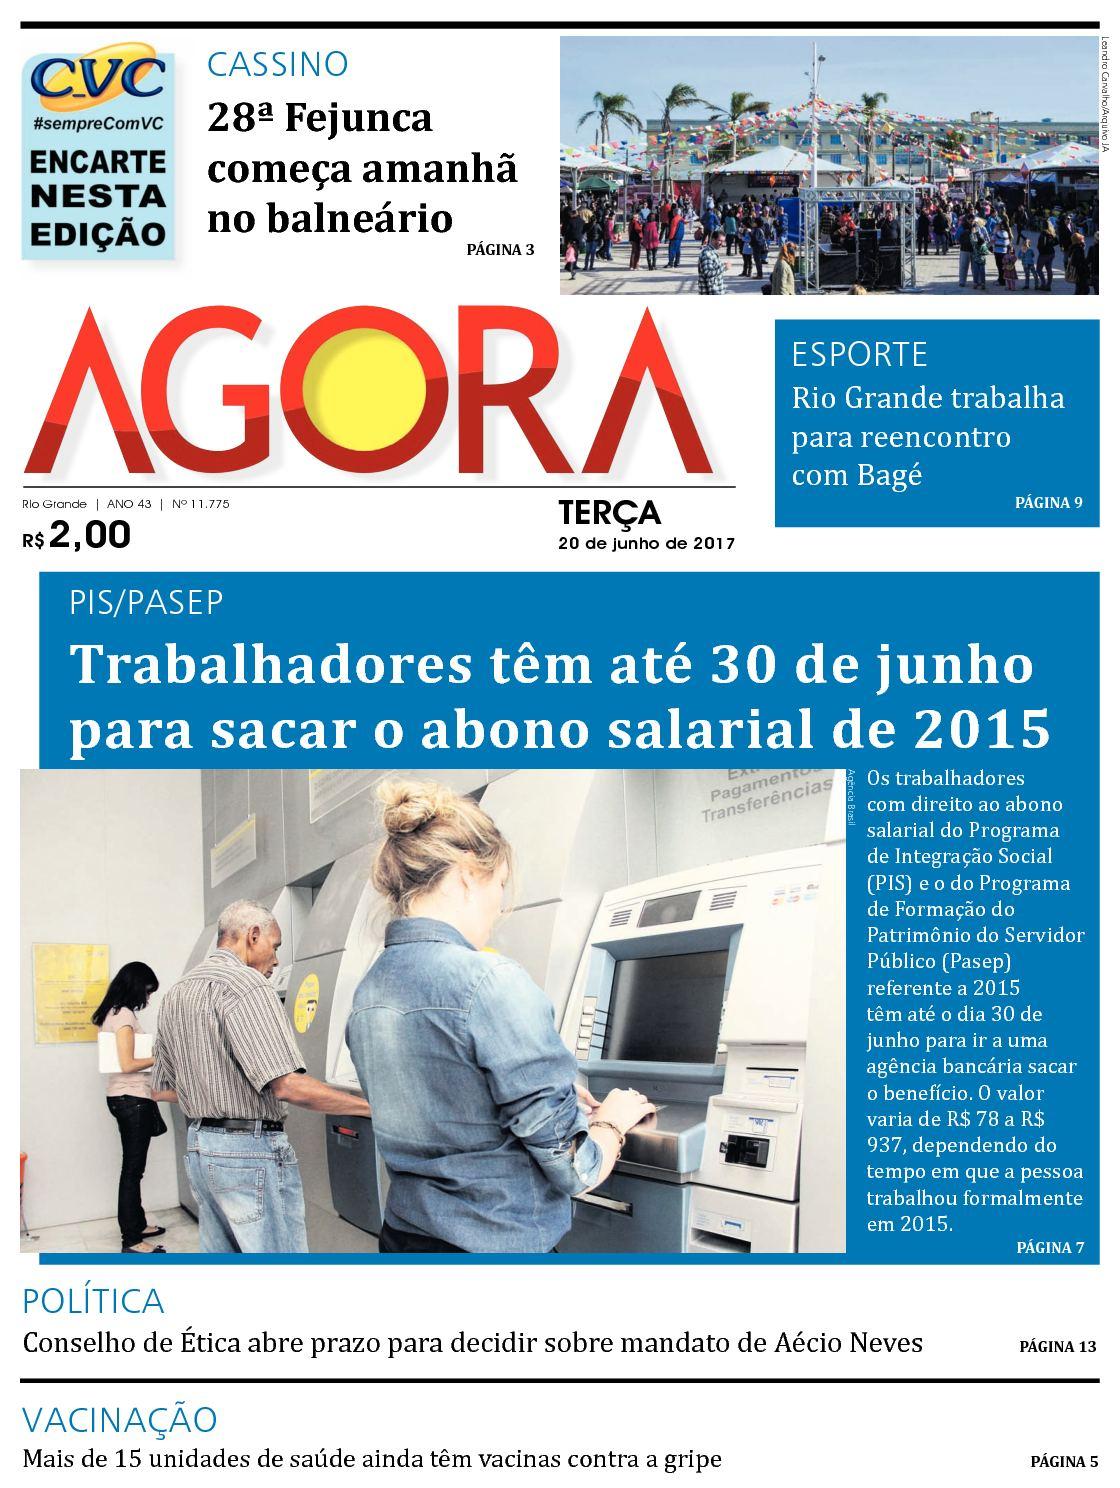 5dbdcebb52ef5 Calaméo - Jornal Agora - 11775 - 20 de Junho de 2017